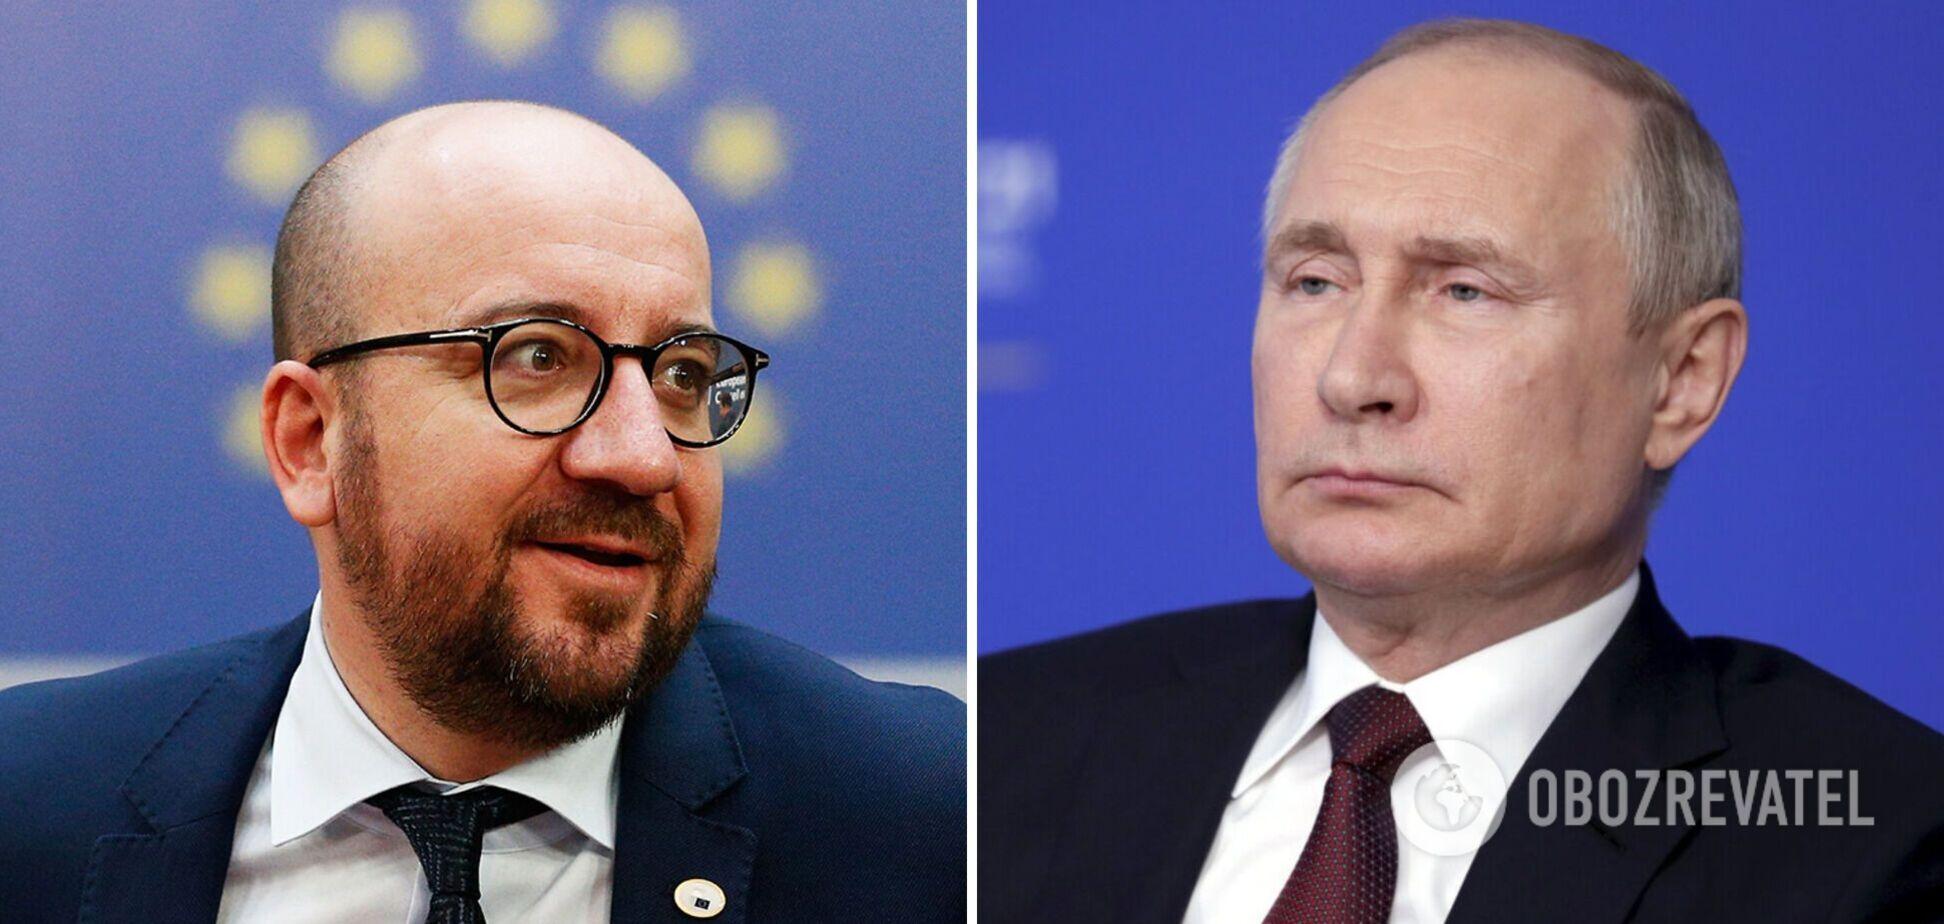 Шарль Мішель і Володимир Путін